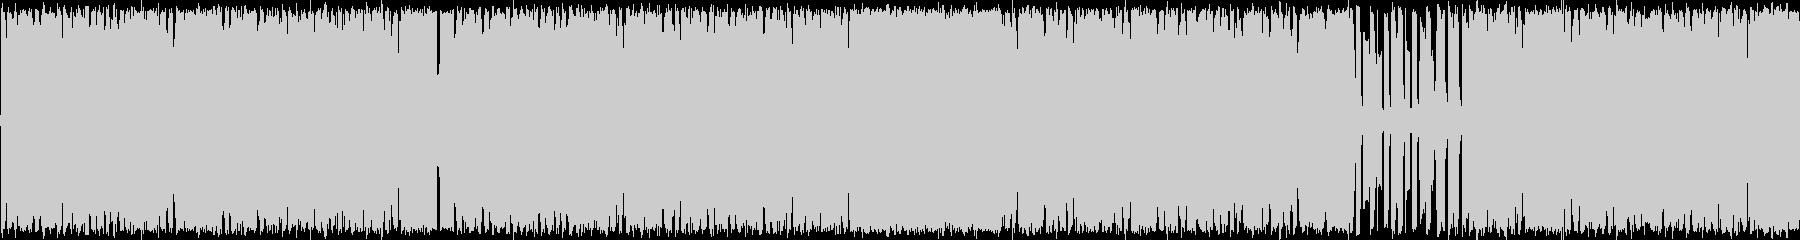 四つ打ちのチップチューンの未再生の波形